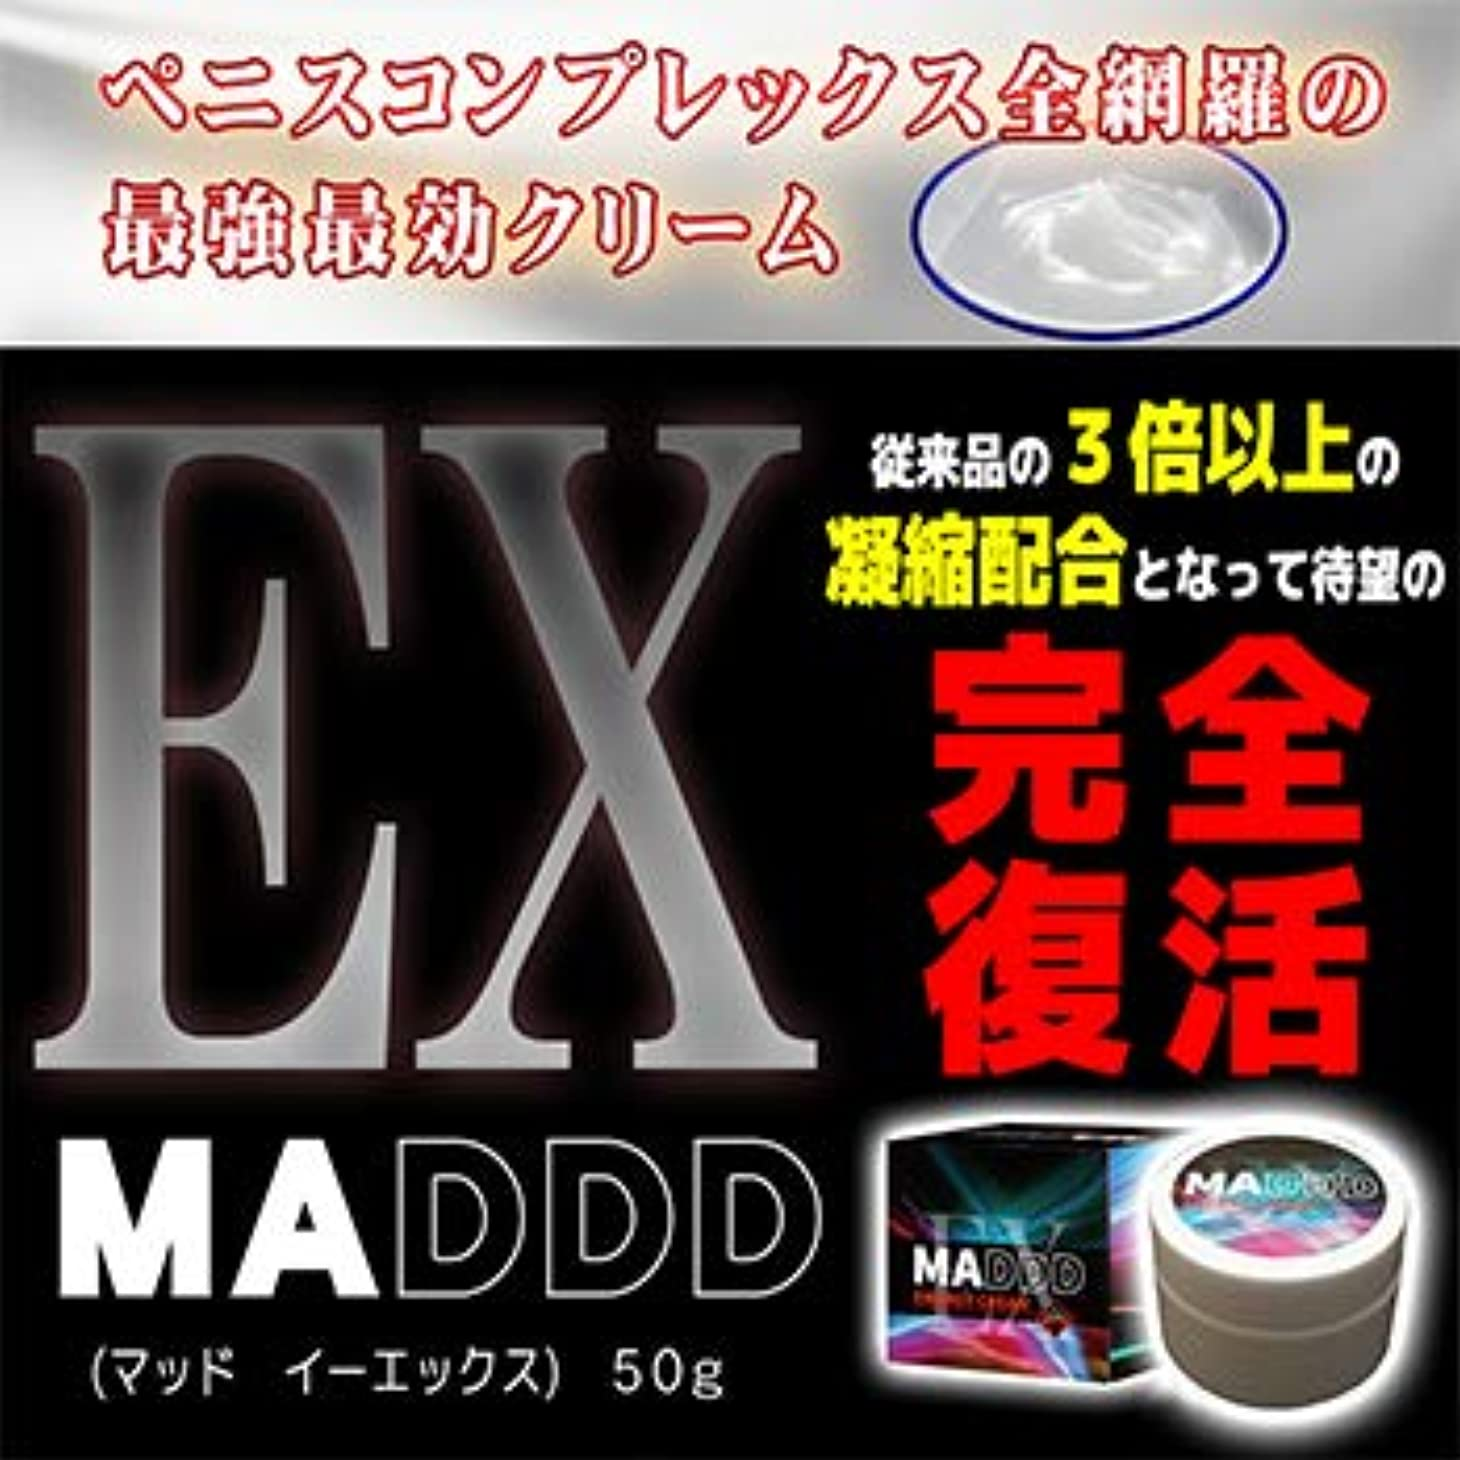 宗教的なポジティブアンプMADDD EX 増大クリーム 自信 持続力 厳選成分 50g (単品購入)